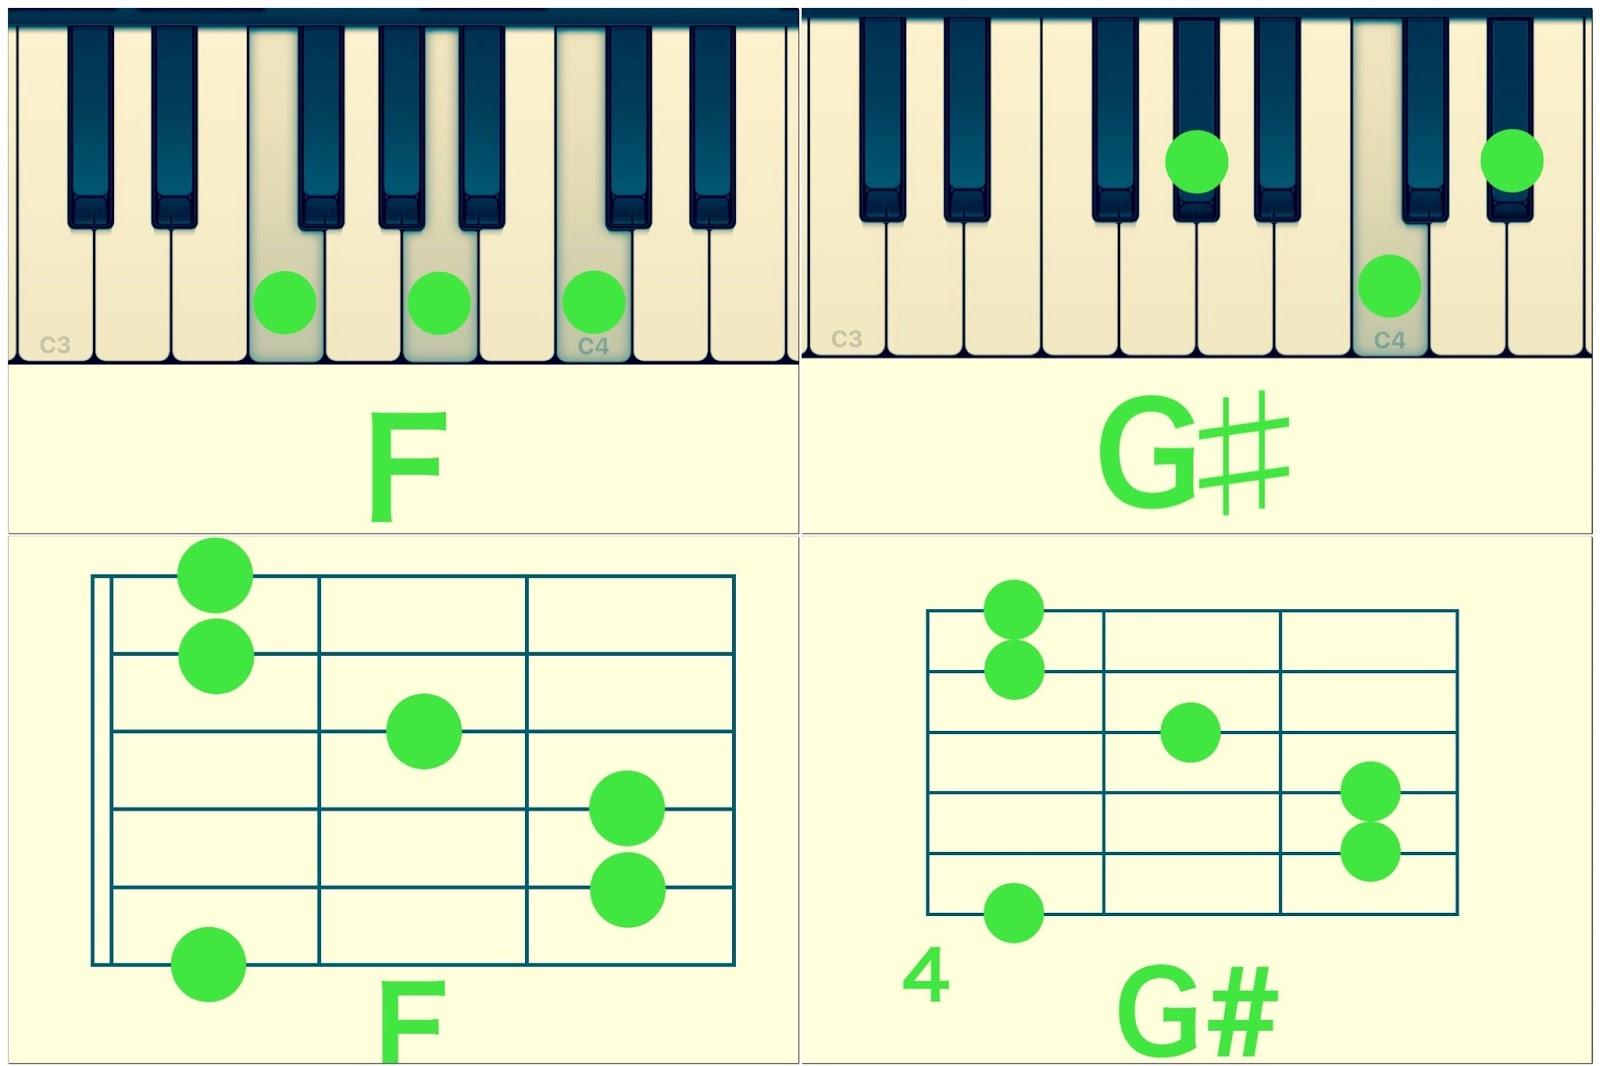 ソラシド ギター コード ドレミファ